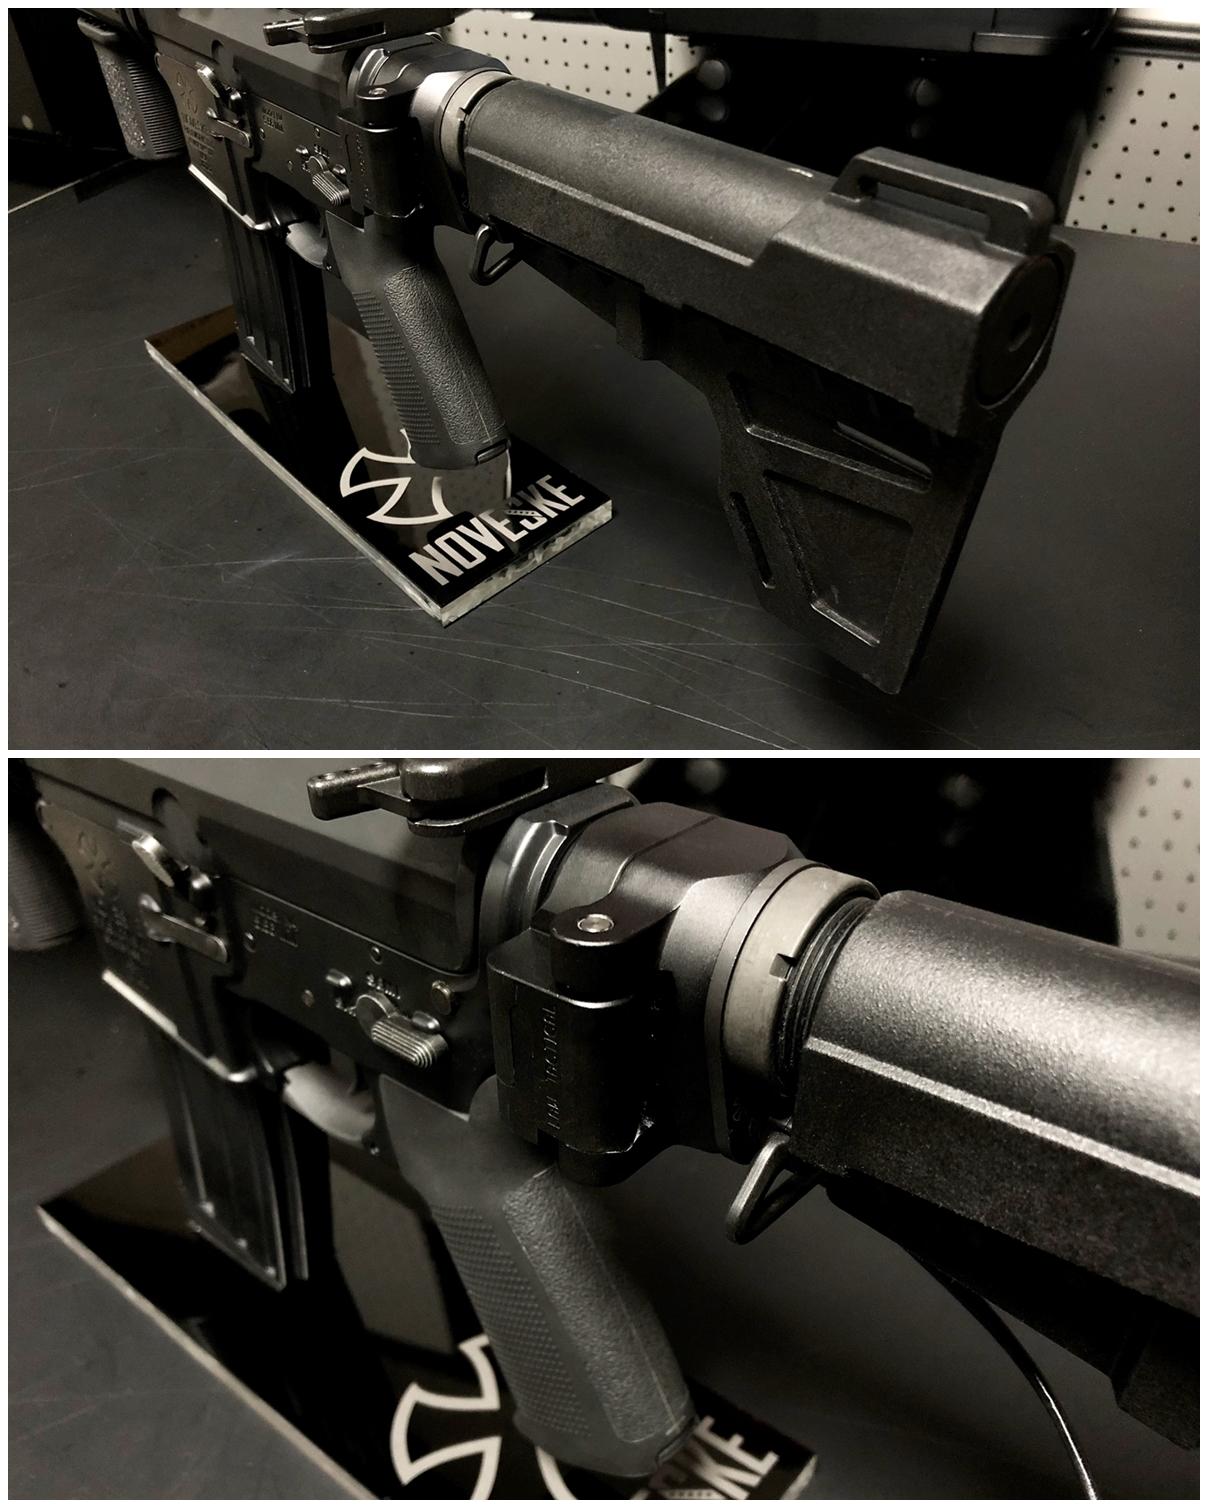 34 次世代 M4 CQB-R 電動ガン 実物 KAK SHOCKWAVE BLADE PISTOL AR-15 ストック 取付 改造 カスタム 大作戦 第7弾完結!! 最終 組み立て作業 & 初速 調整!! 実銃 ストックパイプ AR フォールディング 取付 リコイル